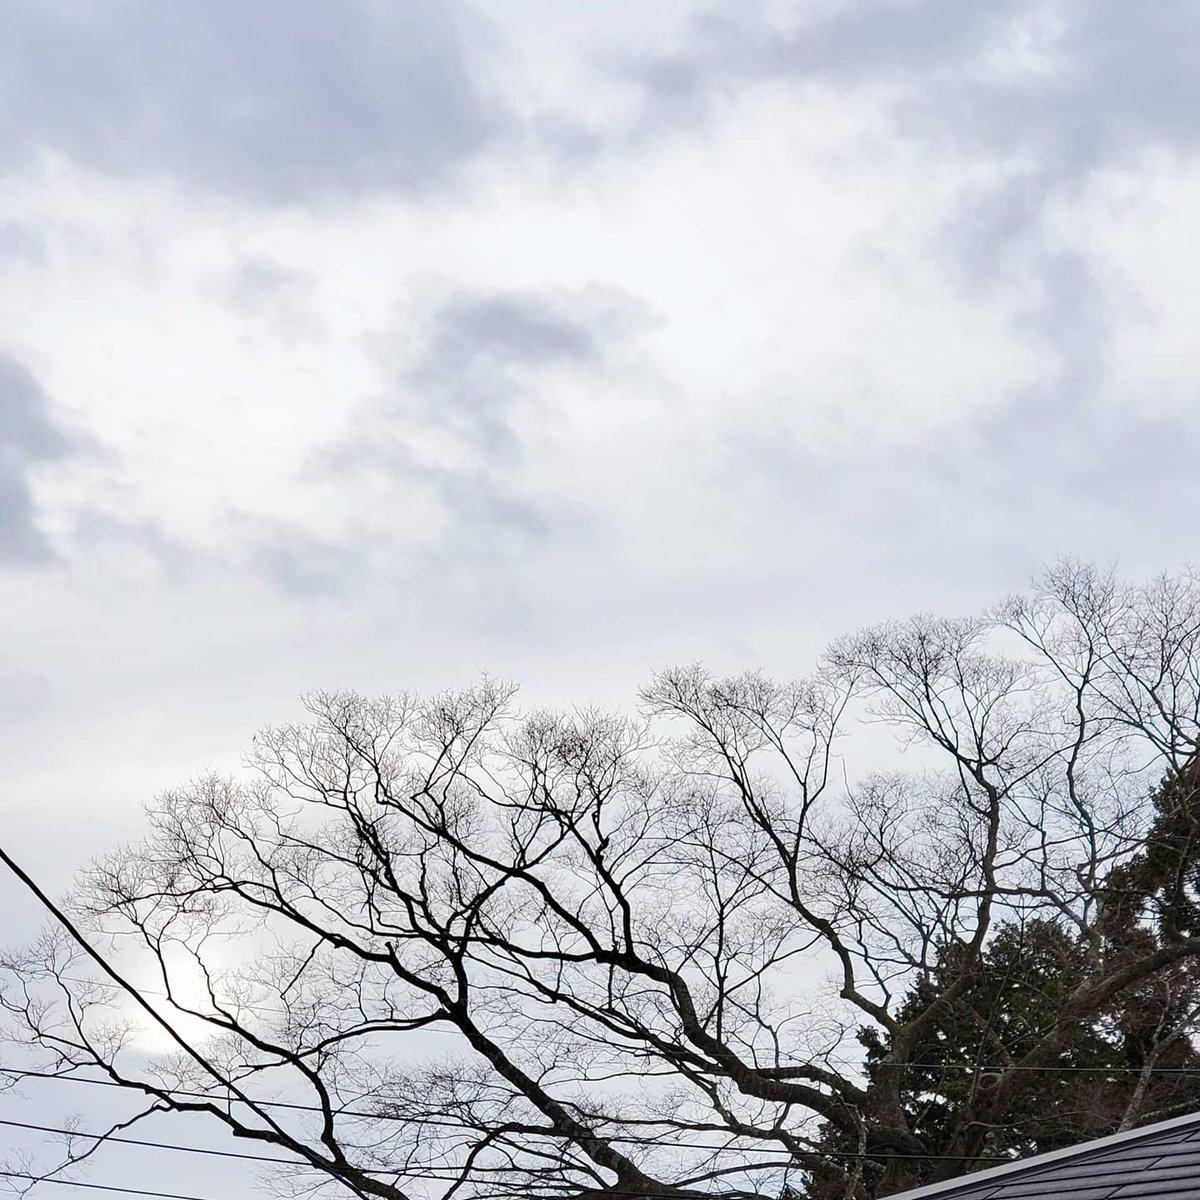 🌟今空🌟 2℃/-5℃ 静かな朝です☁️ 寒さはそれほどではありませんが昨日温かくて過ごしやすかったので今日は余計に寒く感じます😥💦 それでは元気出して介護行ってきま〰️す🙋🎶 皆さん今日も温かくしていい一日になりますように👋😊💕 #今空  #気象  #天気  #雲  #sky  #令和3年1月17日(日)